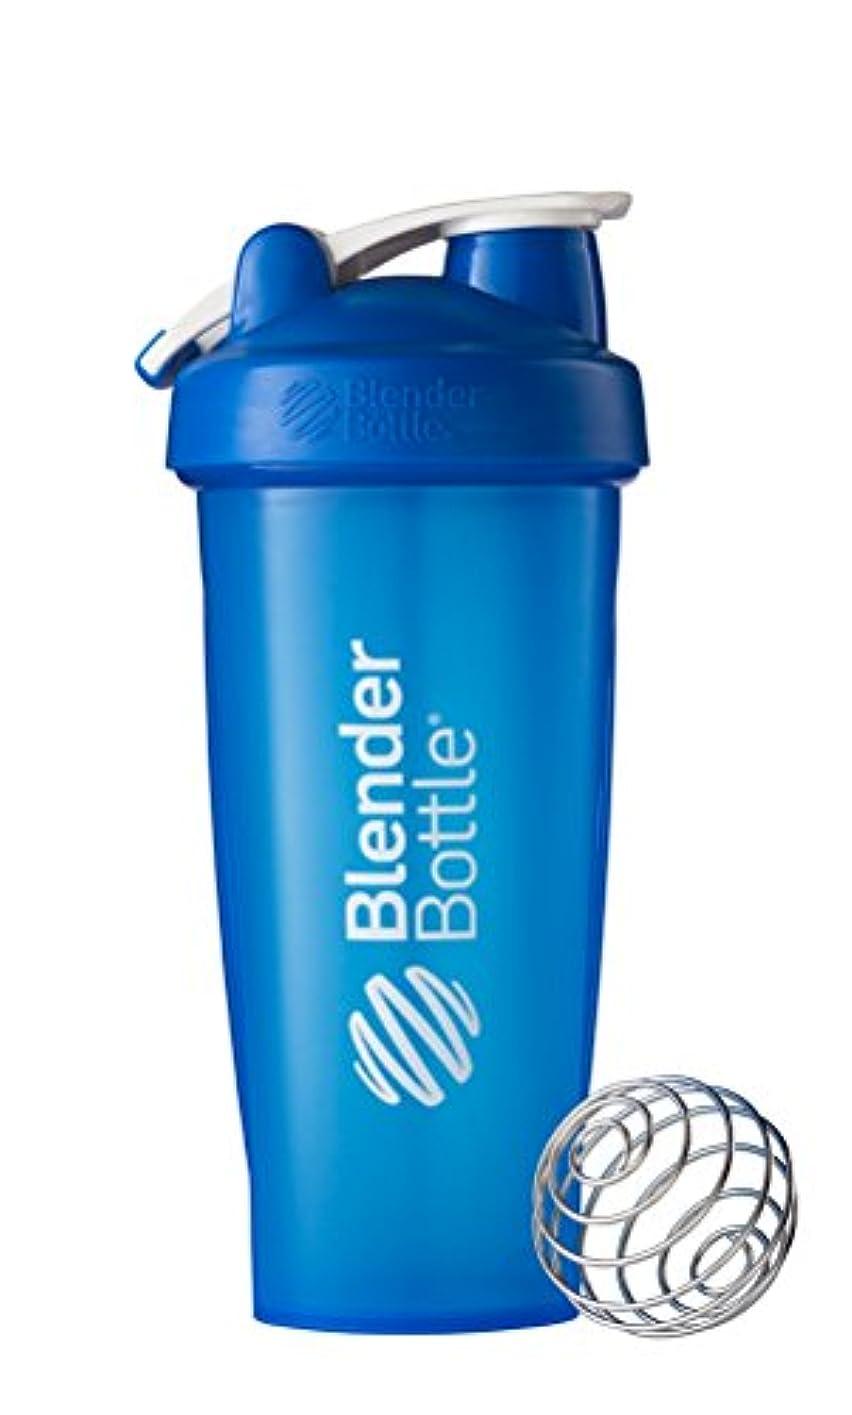 社交的リハーサル同志Blender Bottle - ループ全色青で古典的なシェーカー ボトル - 28ポンド Sundesa で